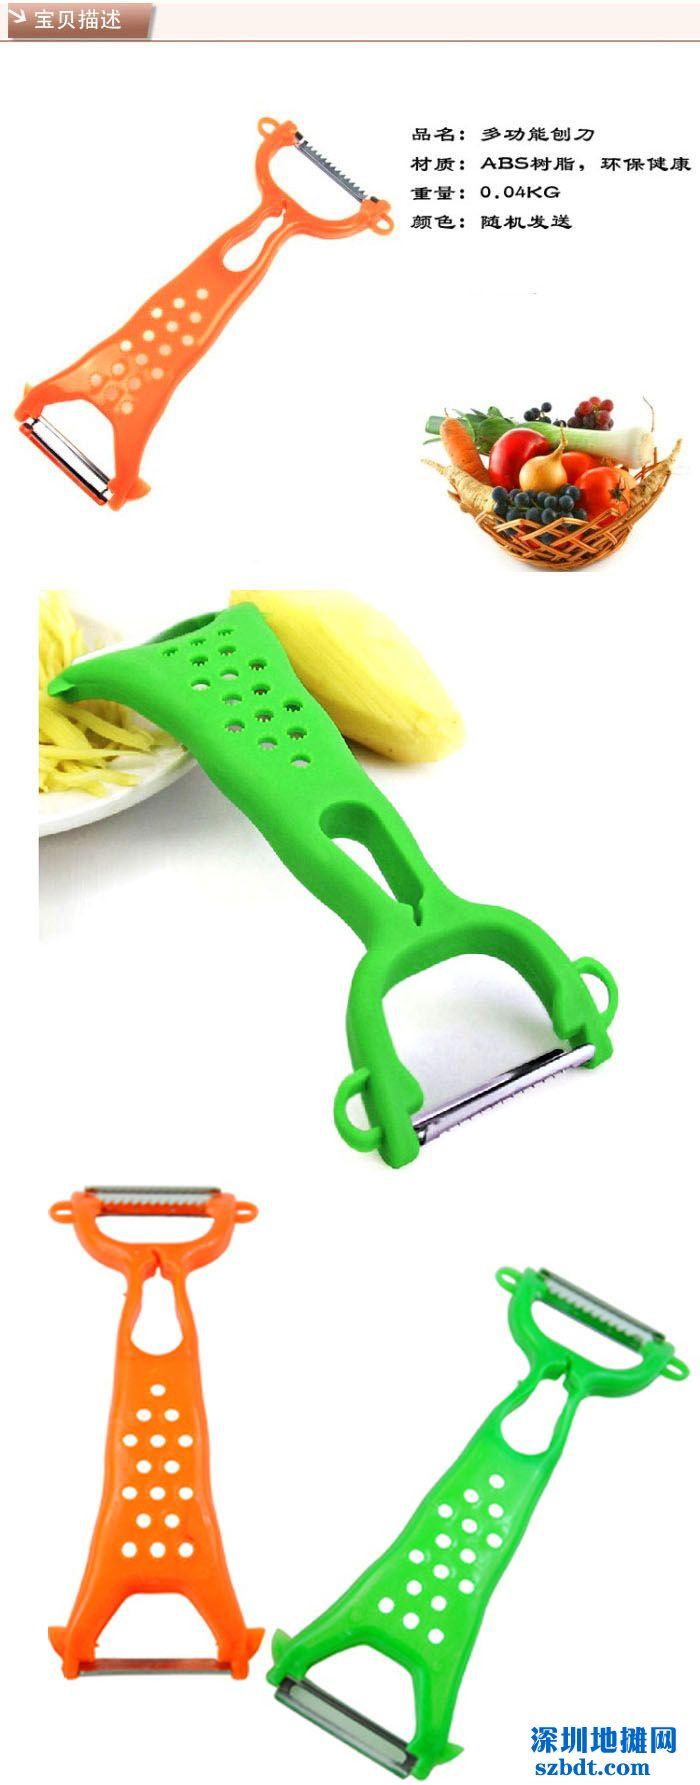 水果蔬菜刨刮/果蔬削皮刀/多功能刨皮刀/刨丝器